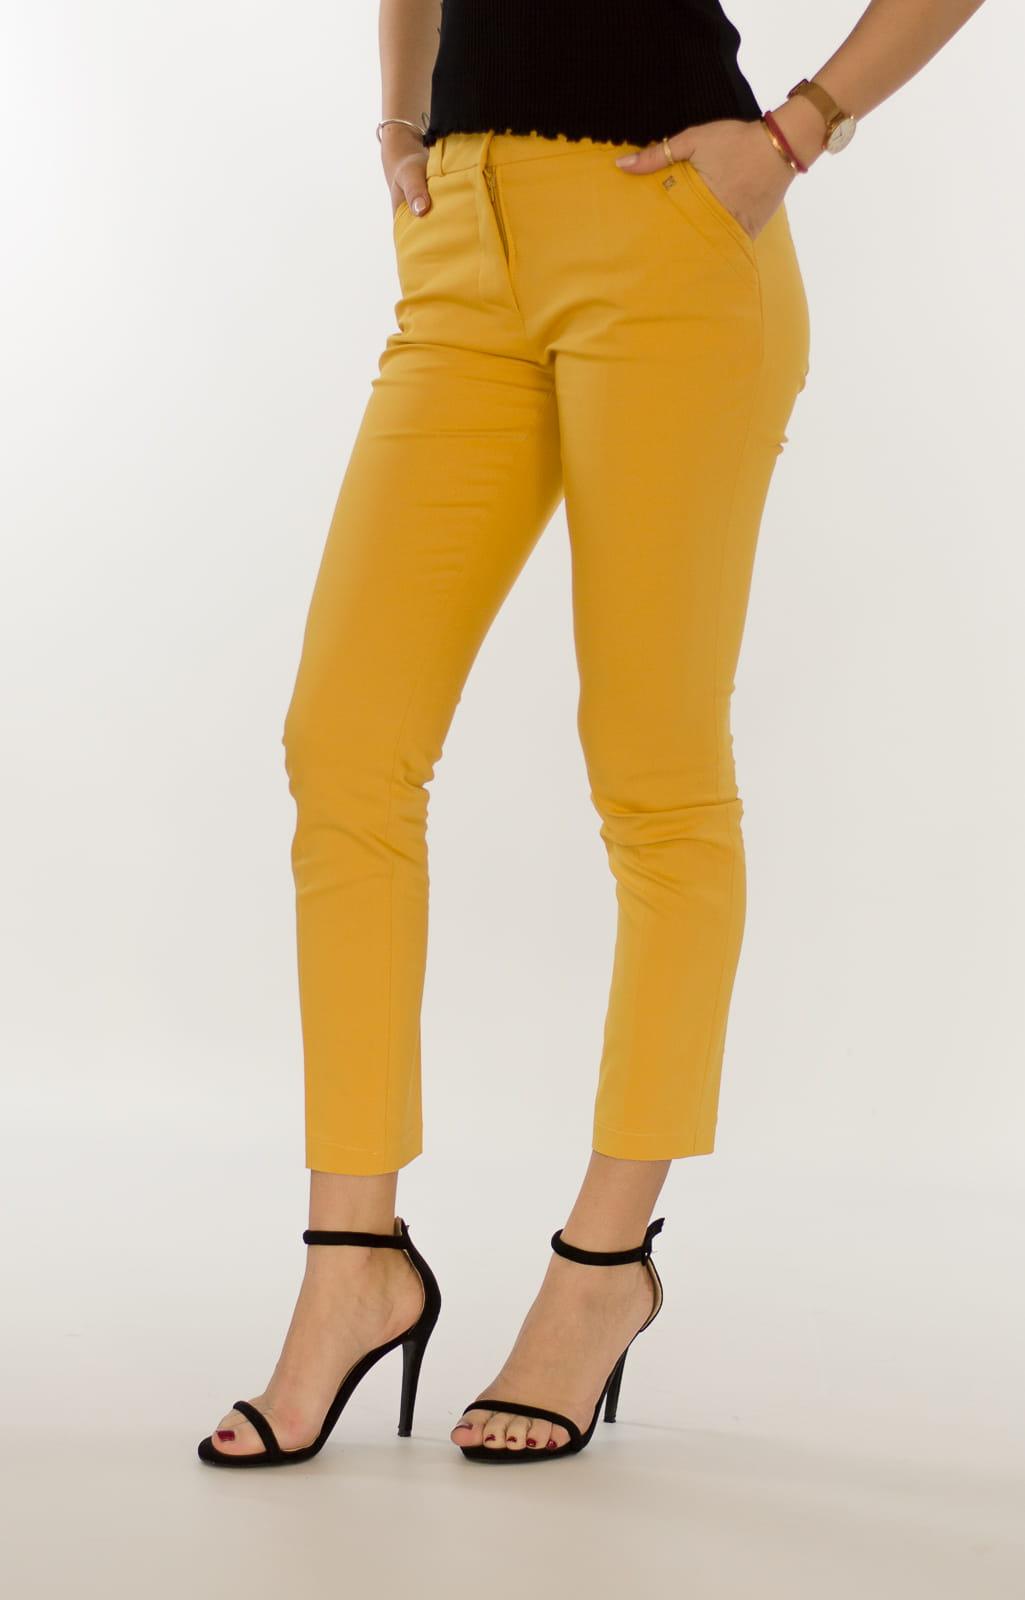 d212437cdc9642 Eleganckie spodnie damskie BB żółte 7/8 - Isuka. 27958_24665. promocja.  27958_24665; 27958_24666; 27958_24667; 27958_24668